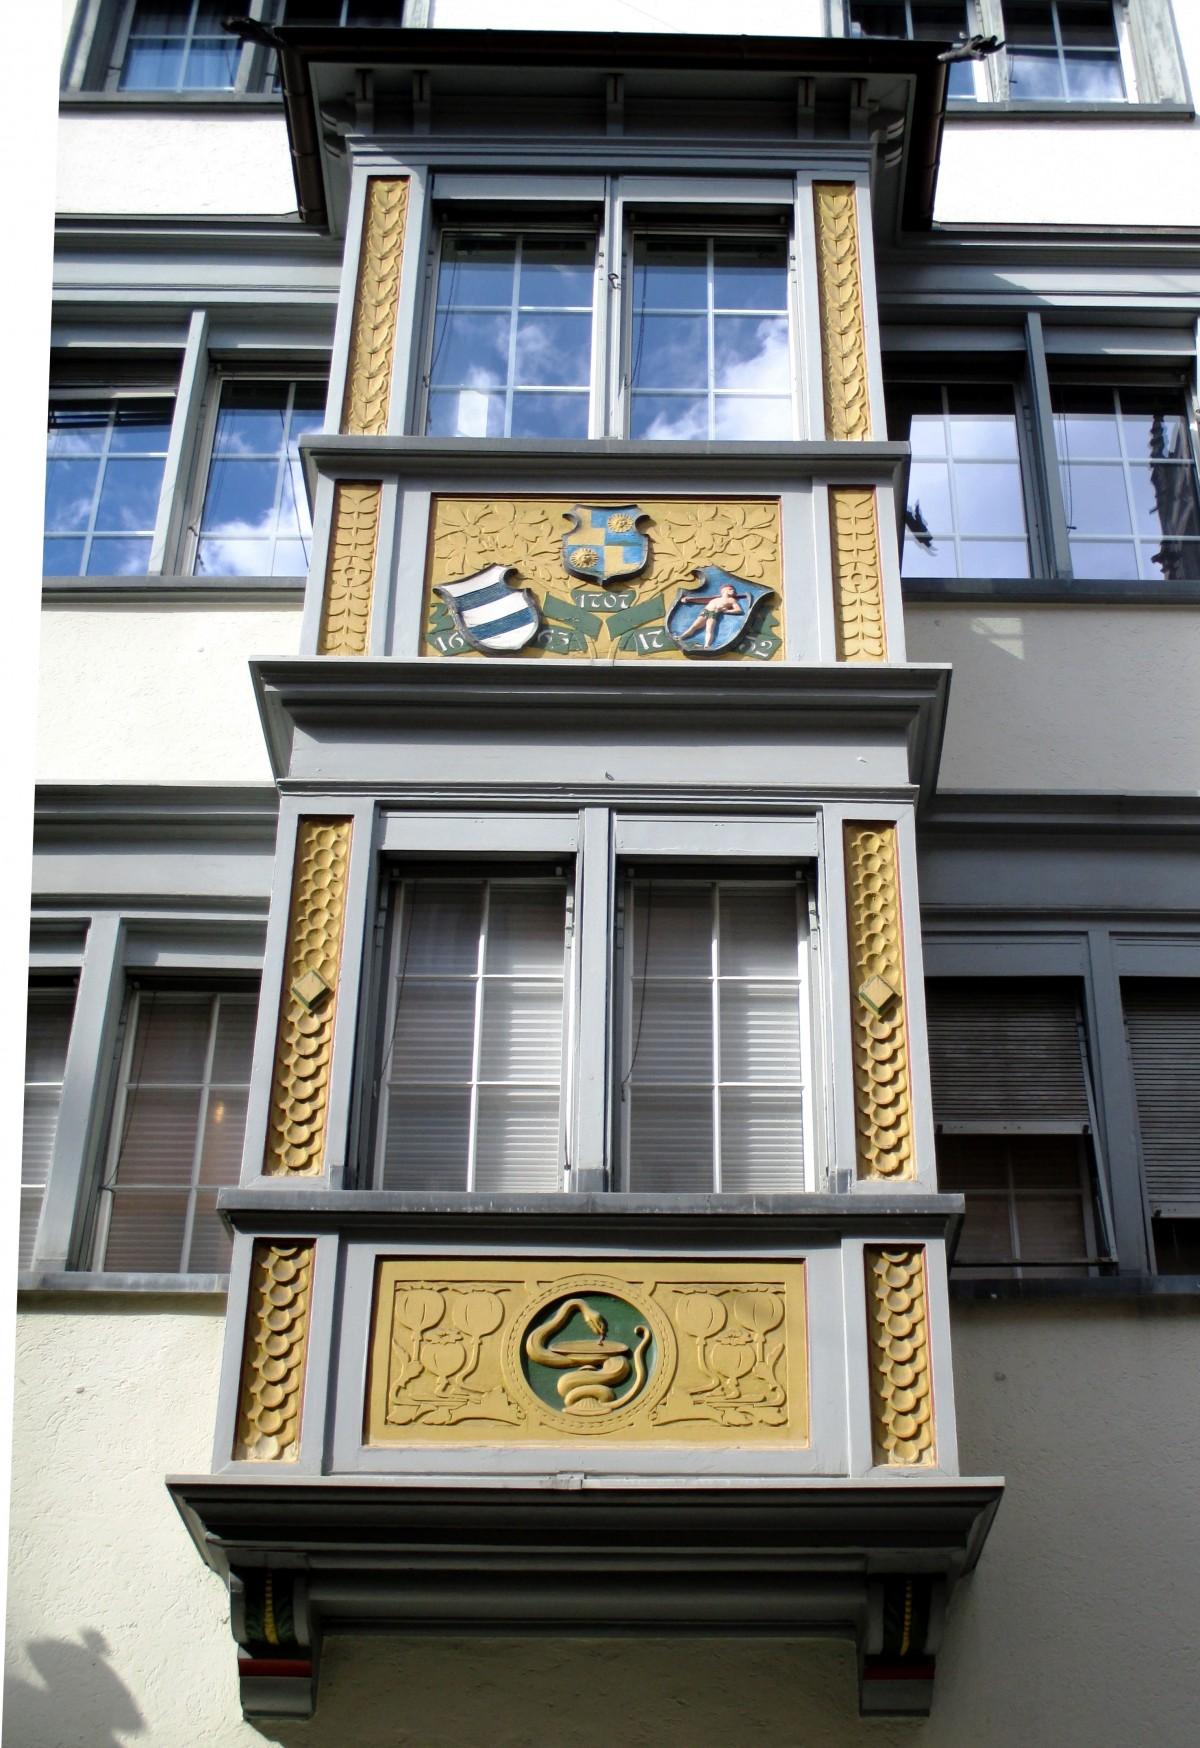 Картинки : архитектура, окно, здание, балкон, фасад, имущест.